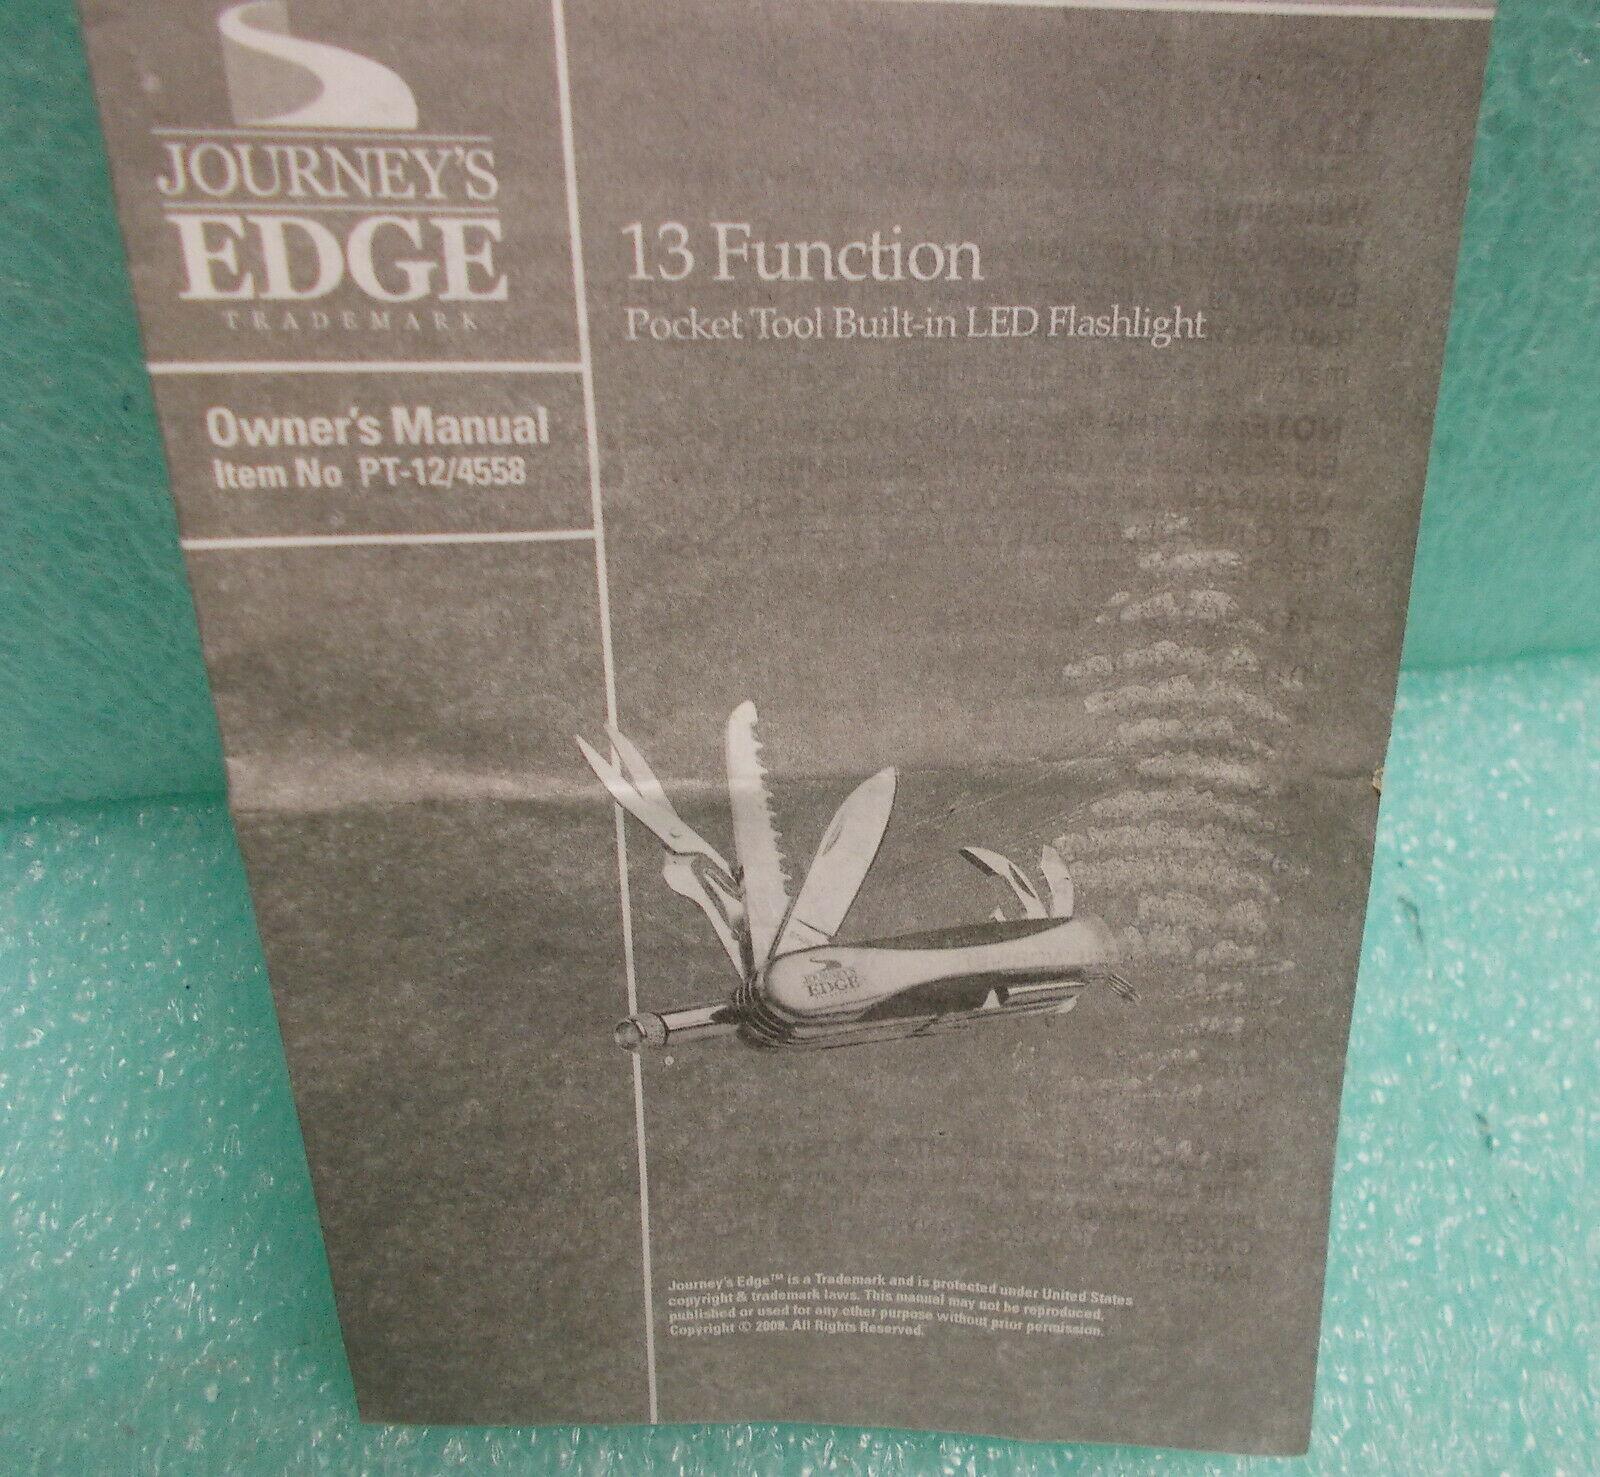 MTG Journey's Edge 13 In 1 Function Pocket Tool #PT-12/4558 UPC:044902045585